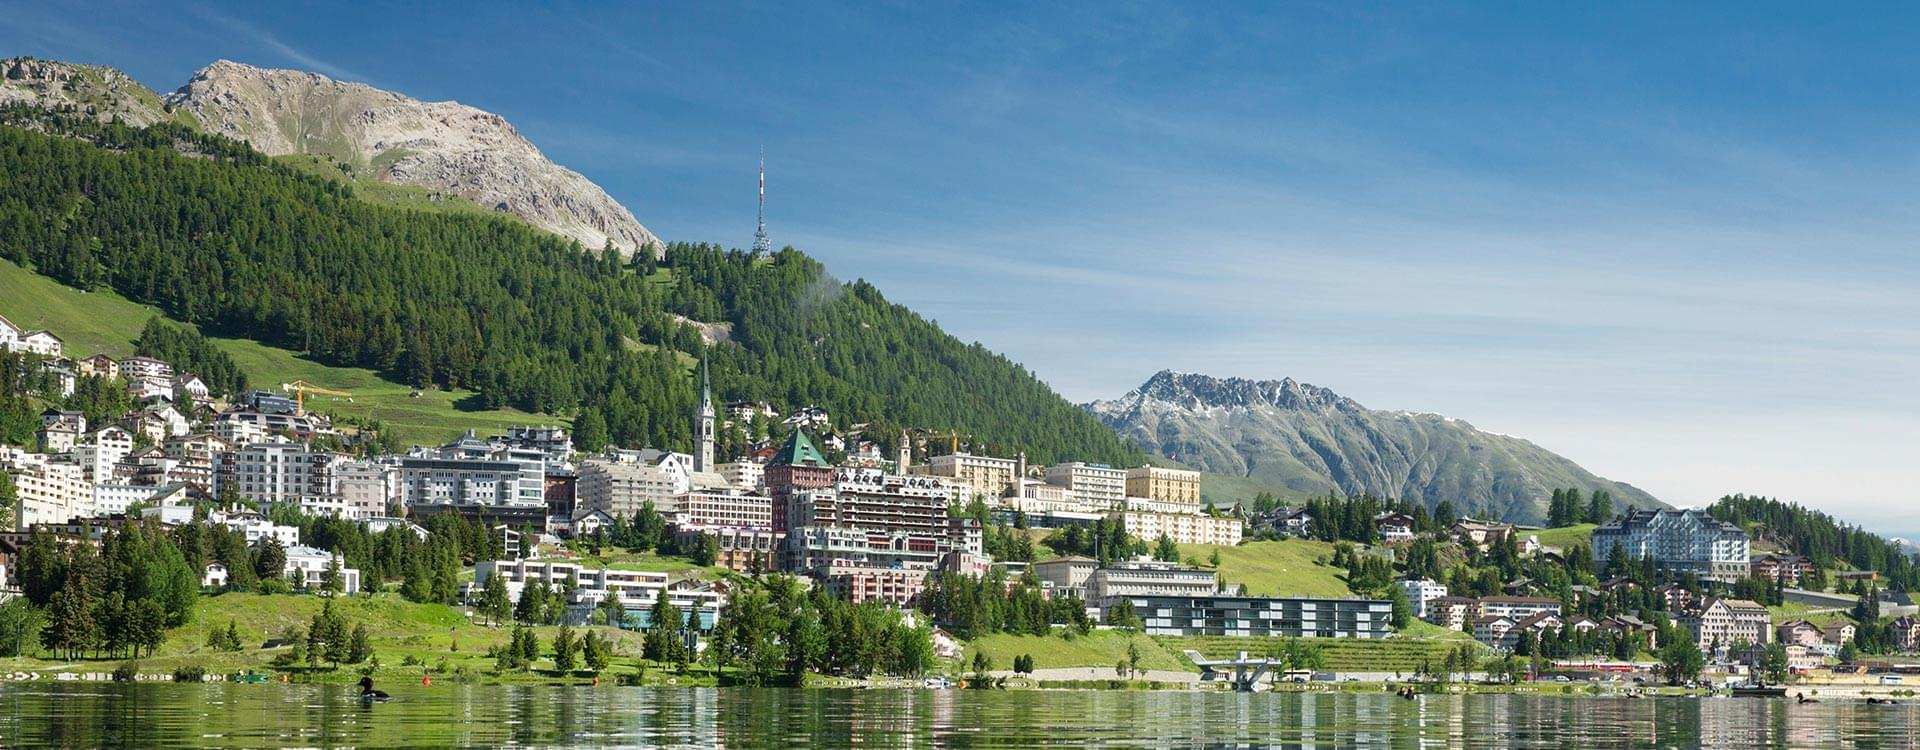 5df130cd1e52fe Ortstext St. Moritz   Summer in Engadin St. Moritz